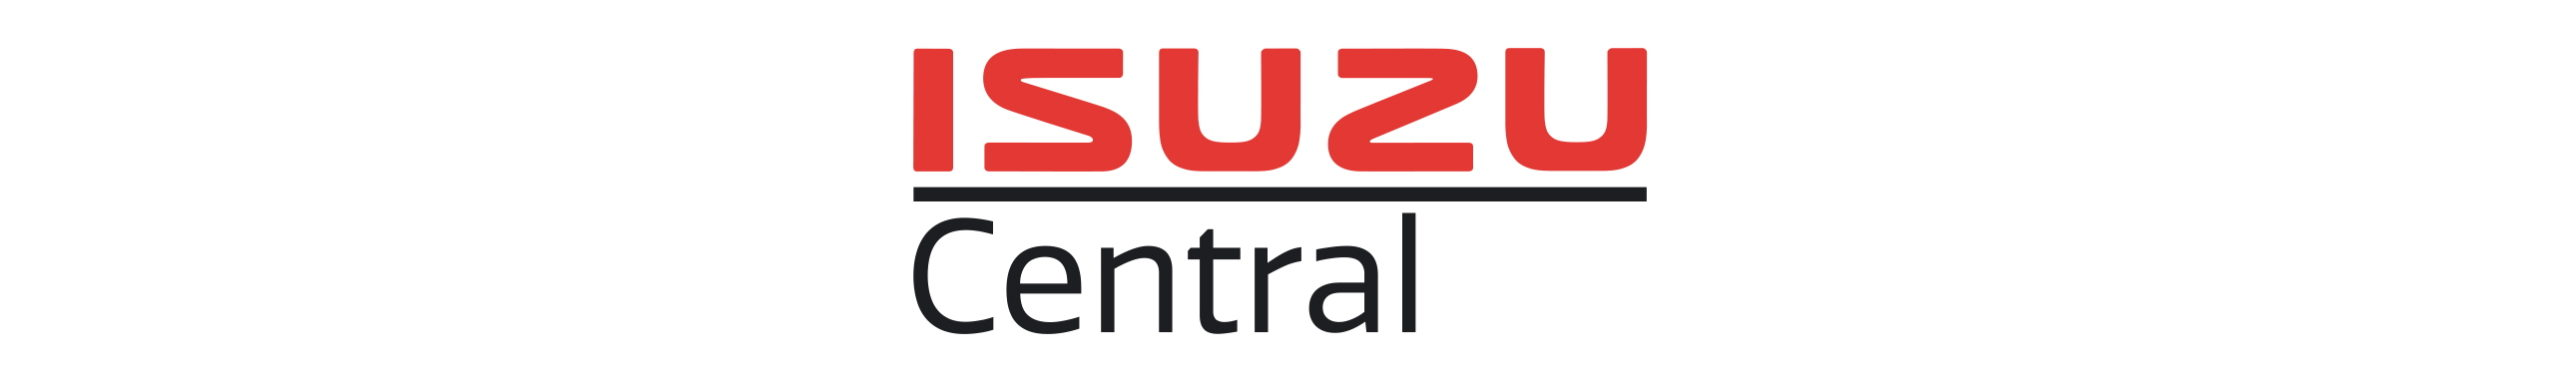 Isuzu Central